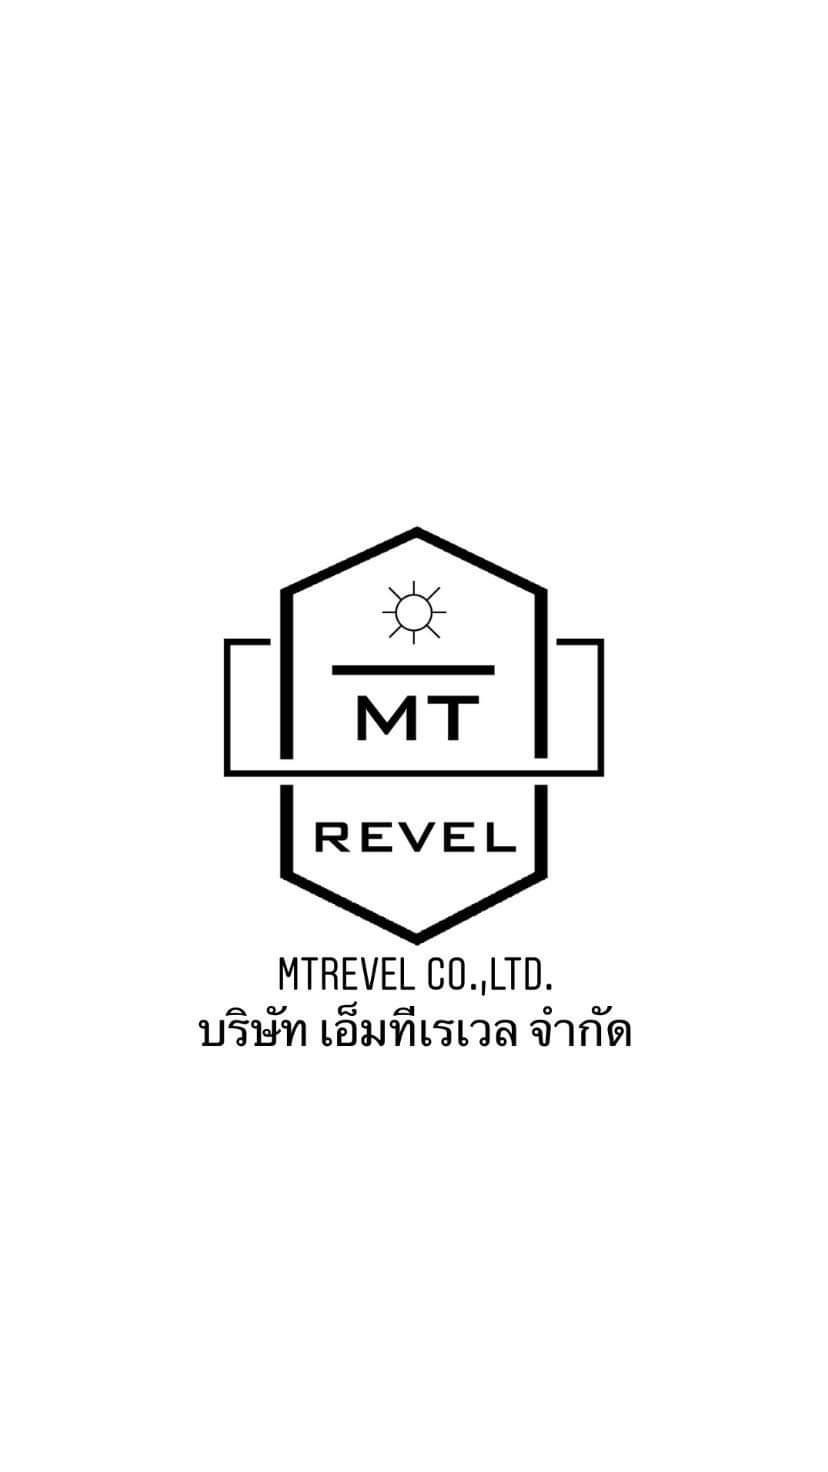 MTREVEL CO.,LTD.